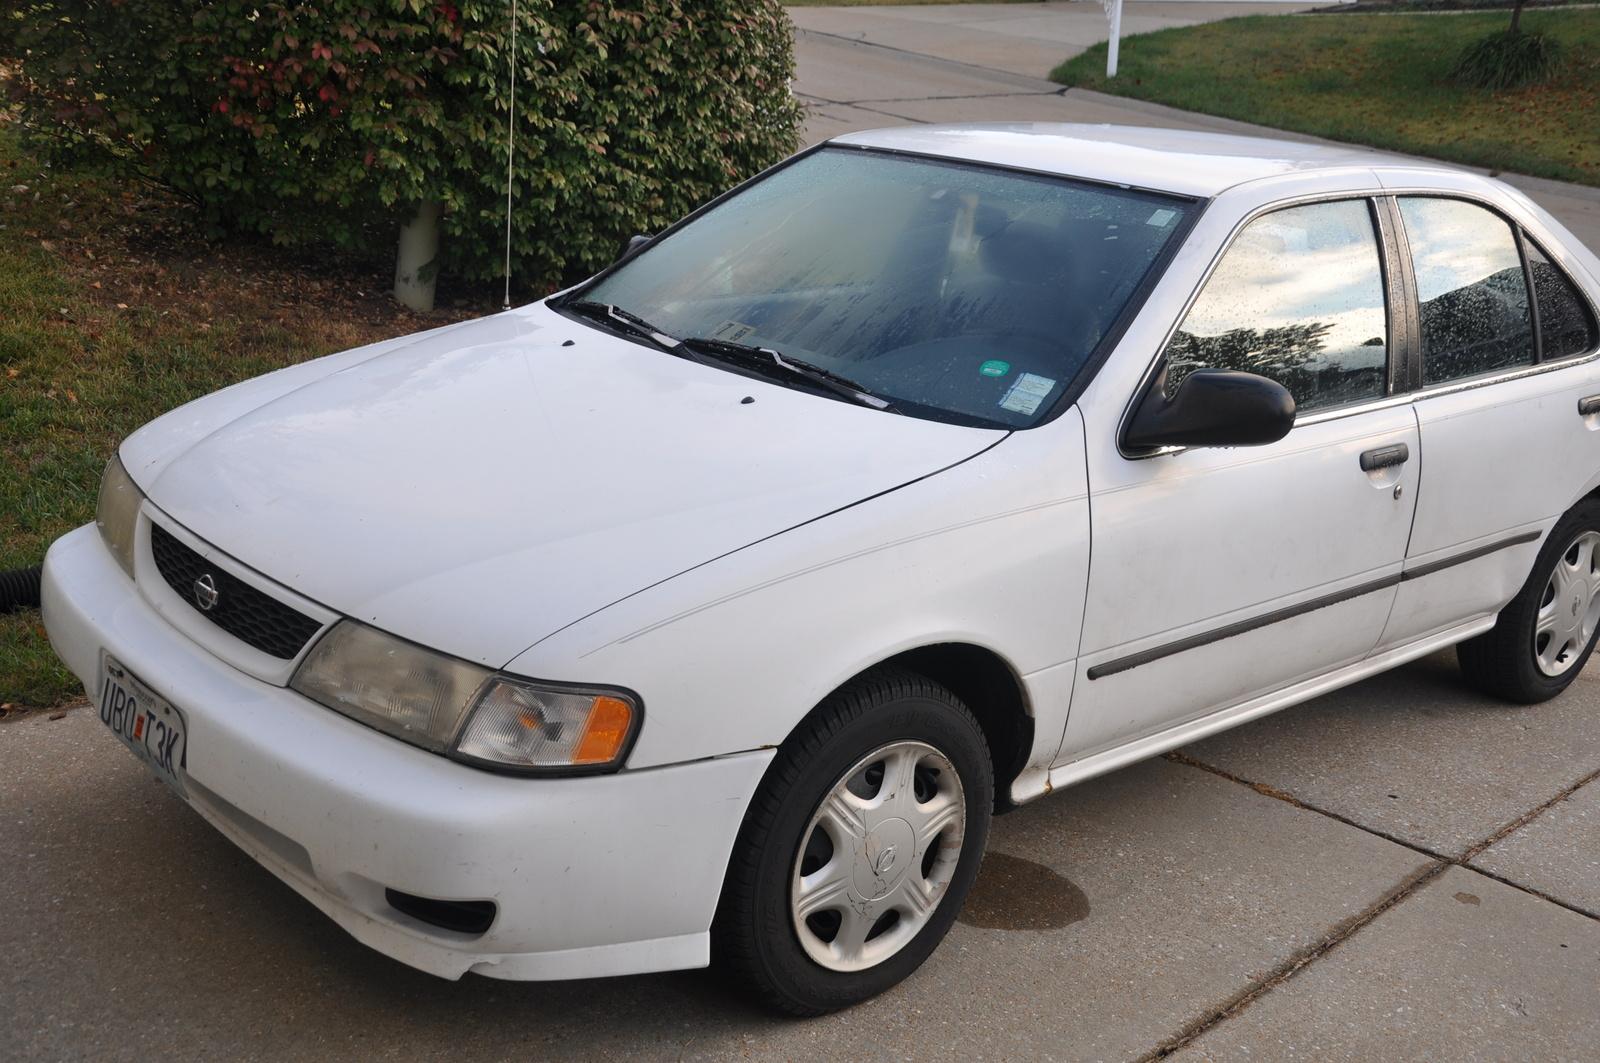 1998 Nissan Sentra Pictures Cargurus